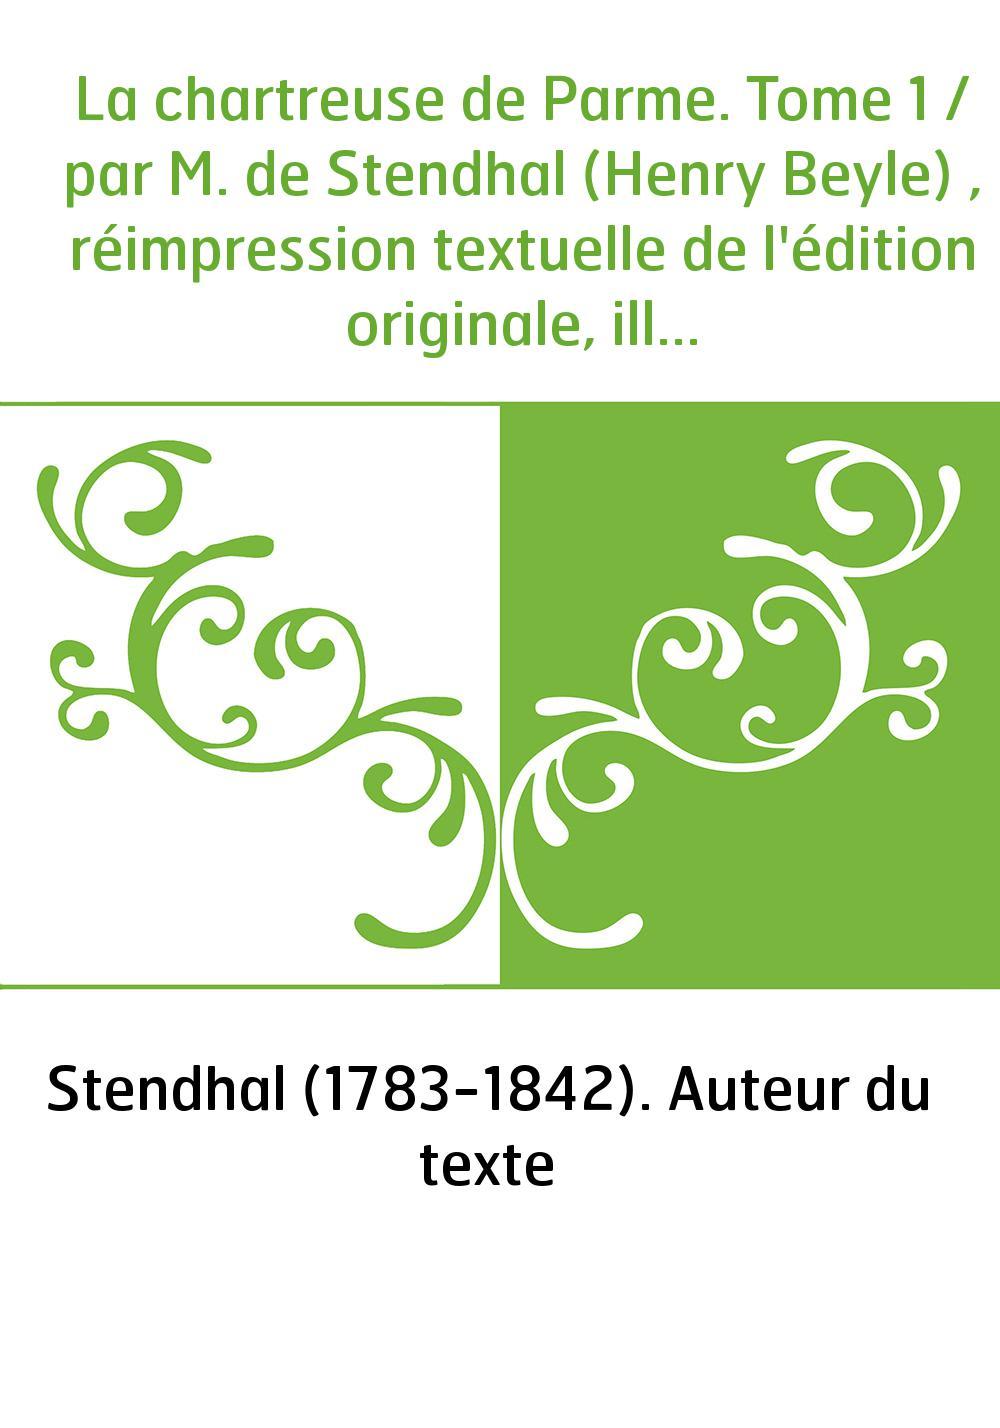 La chartreuse de Parme. Tome 1 / par M. de Stendhal (Henry Beyle) , réimpression textuelle de l'édition originale, illustrée de